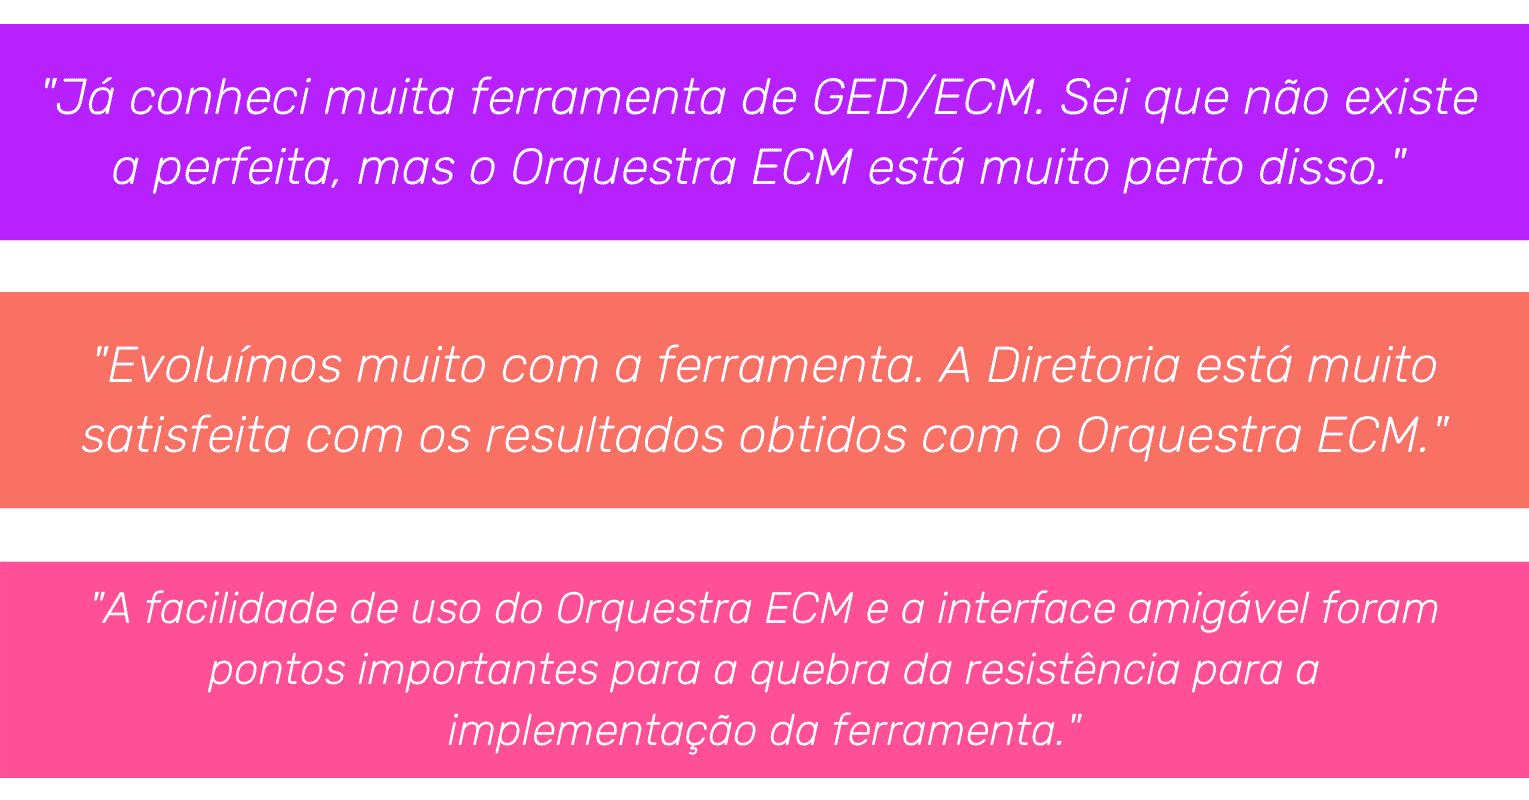 o que dizem sobre Orquestra ECM - gestão eletrônica de documentos